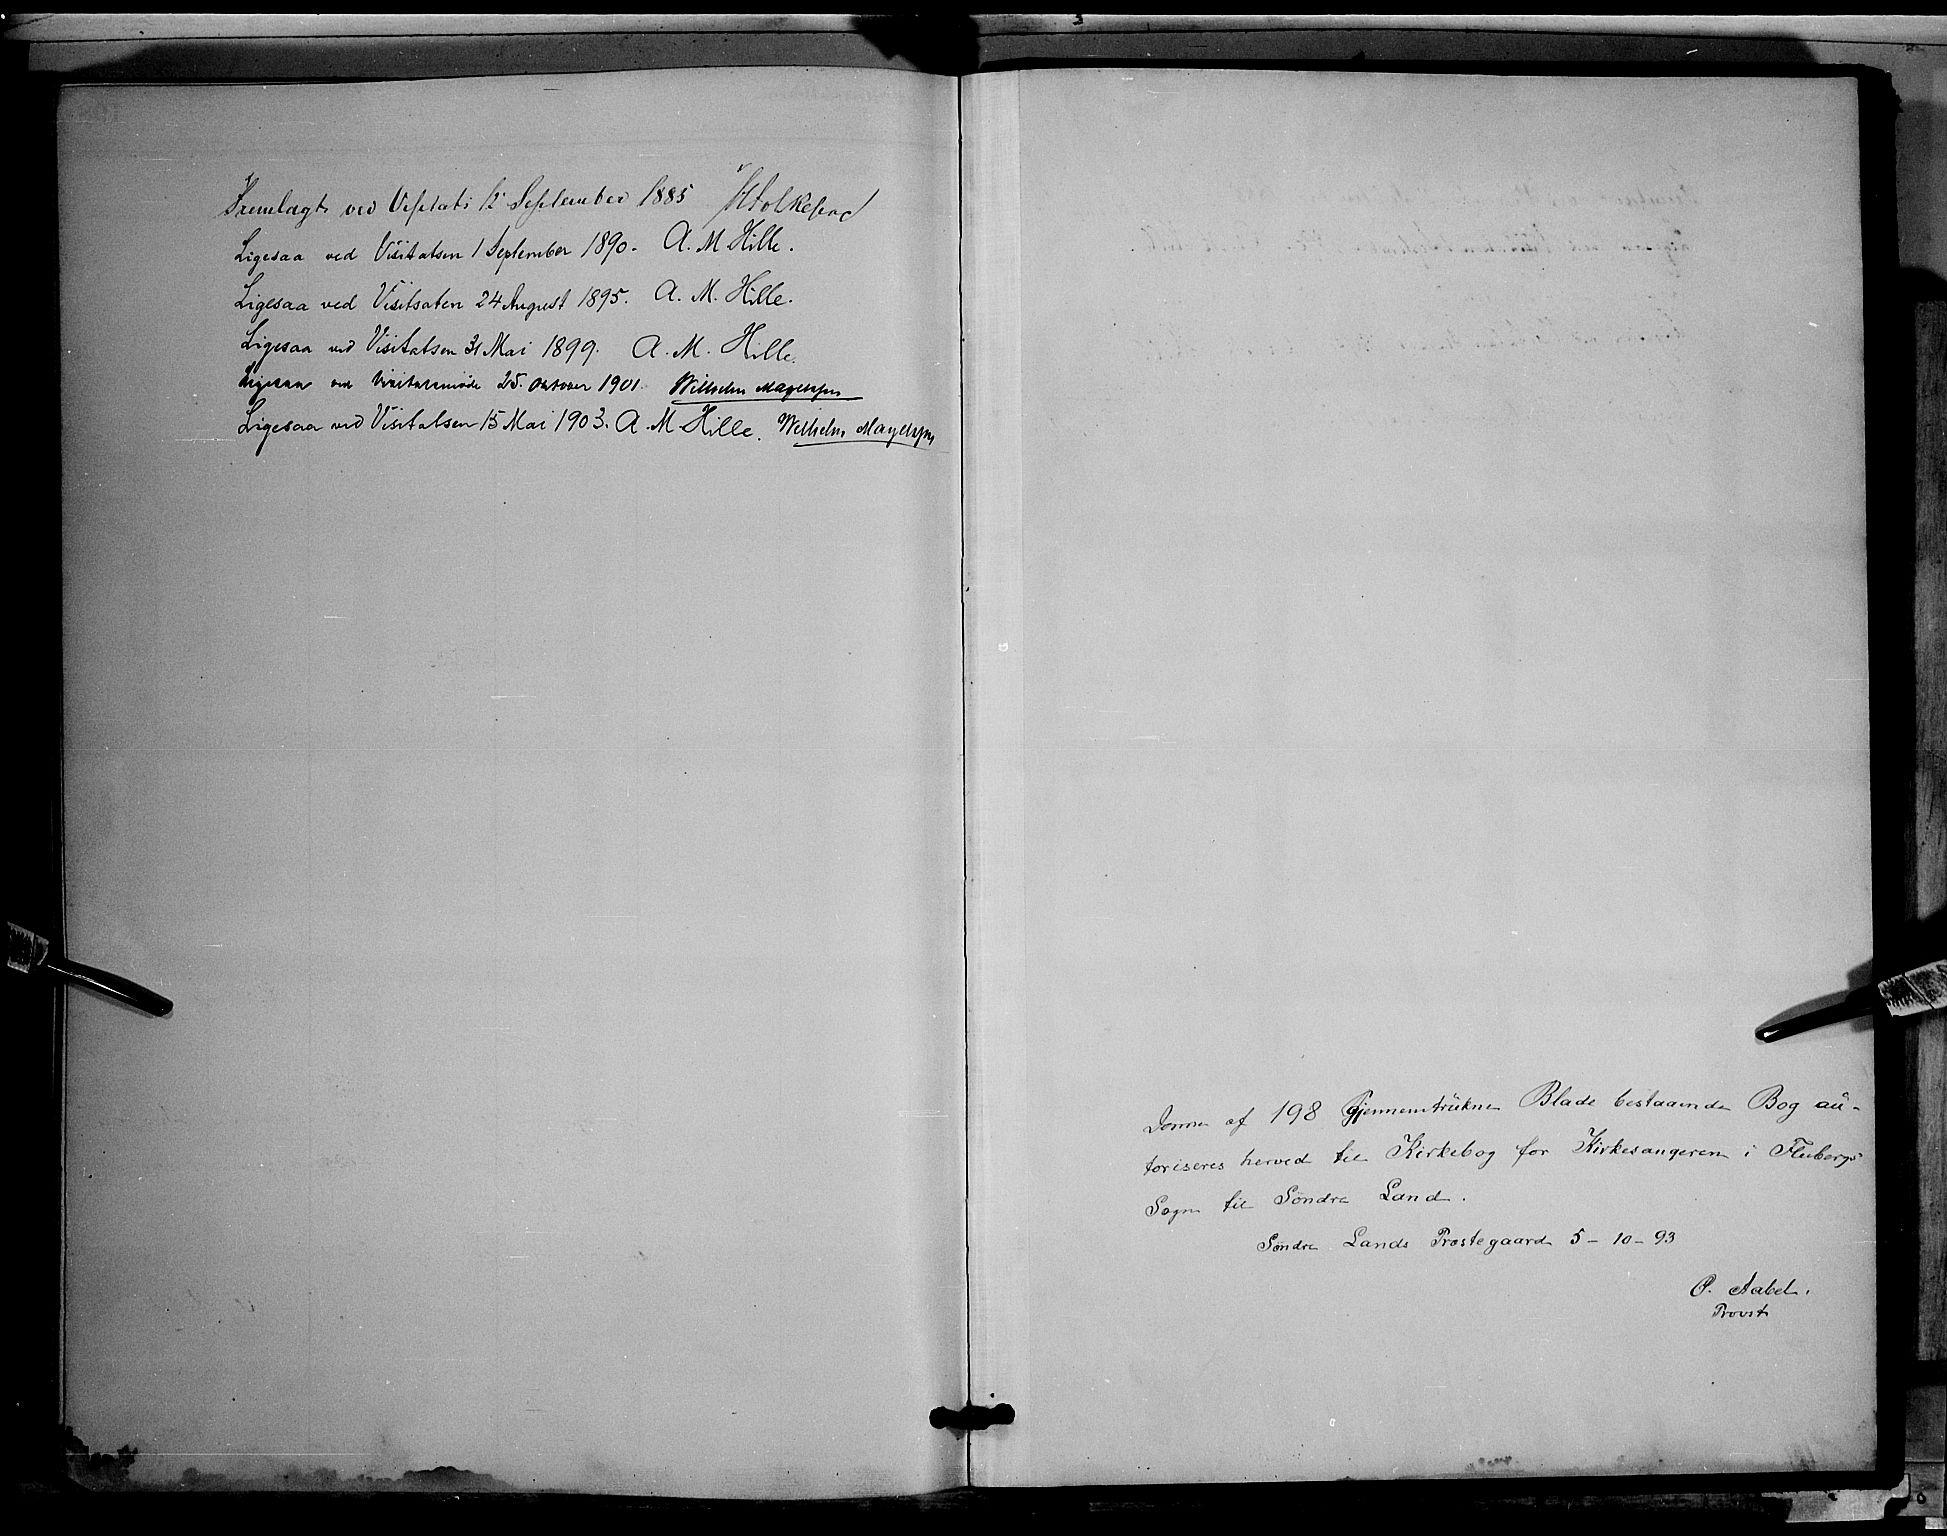 SAH, Søndre Land prestekontor, L/L0003: Klokkerbok nr. 3, 1884-1902